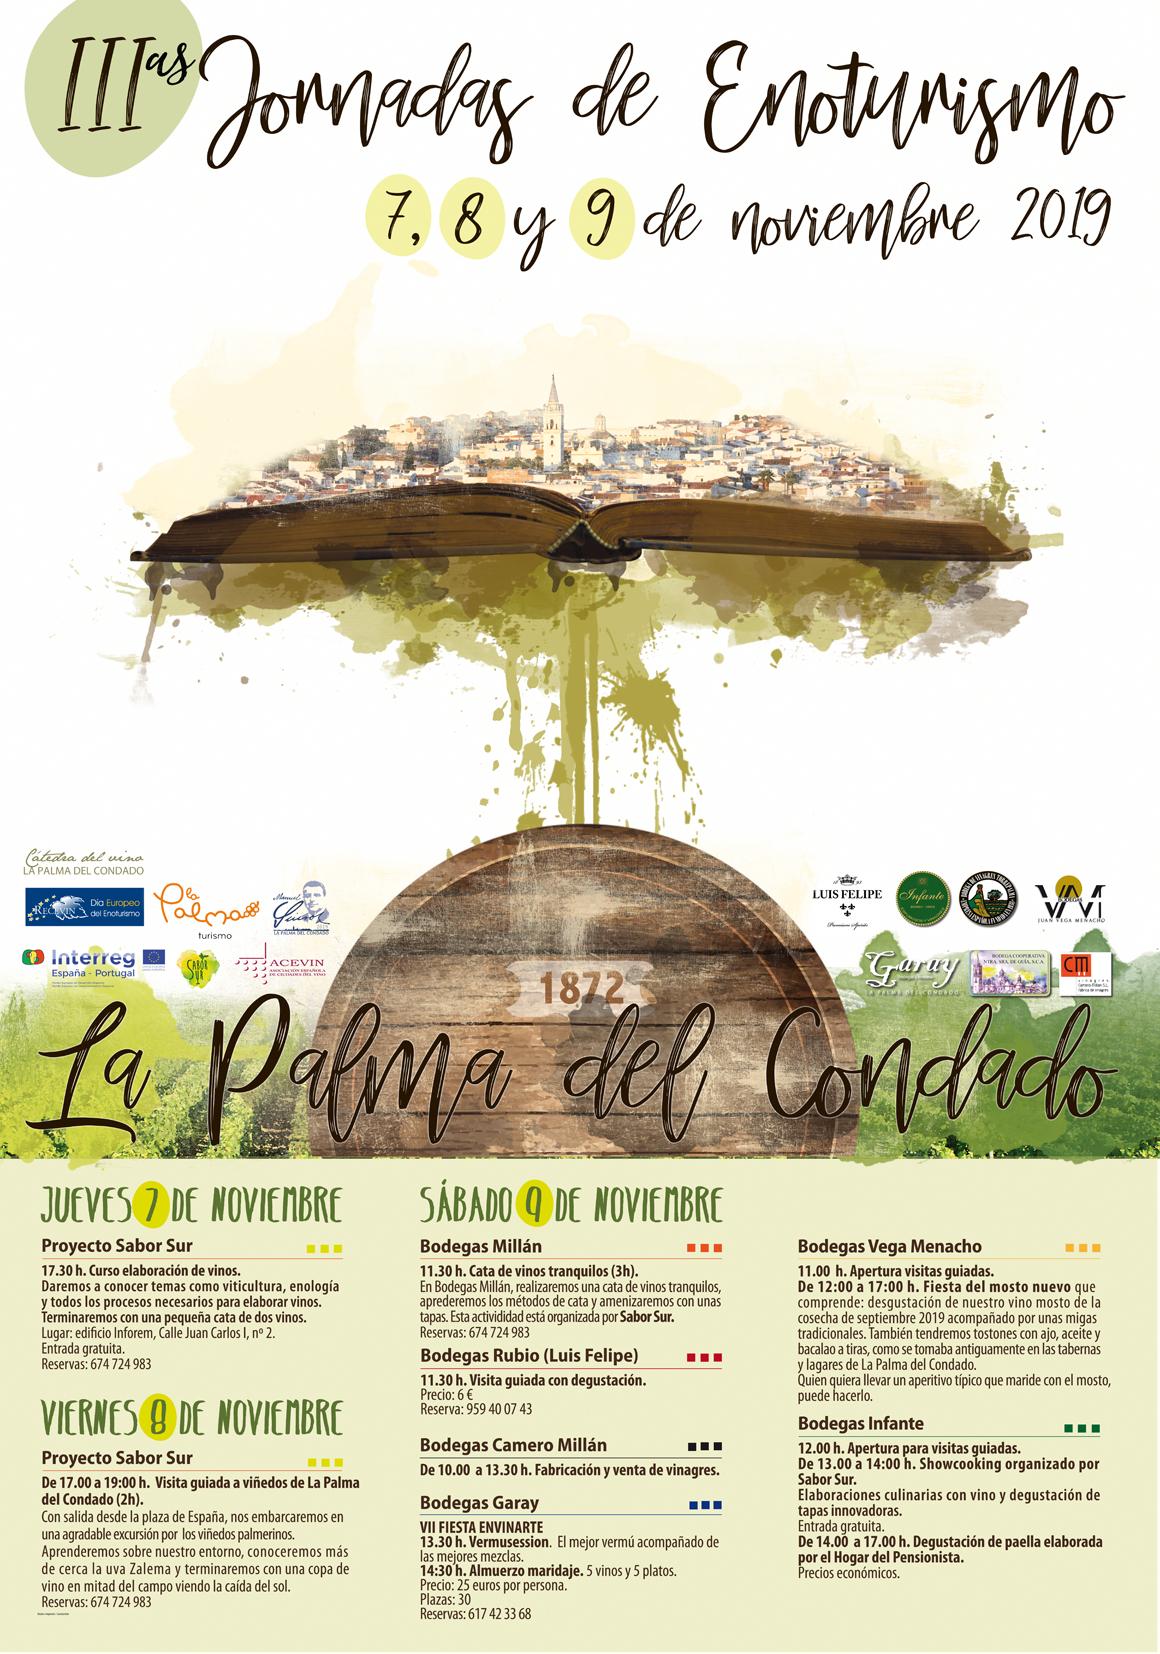 Proyecto Sabor Sur invita a innovar en las III Jornadas de Enoturismo de La Palma del Condado